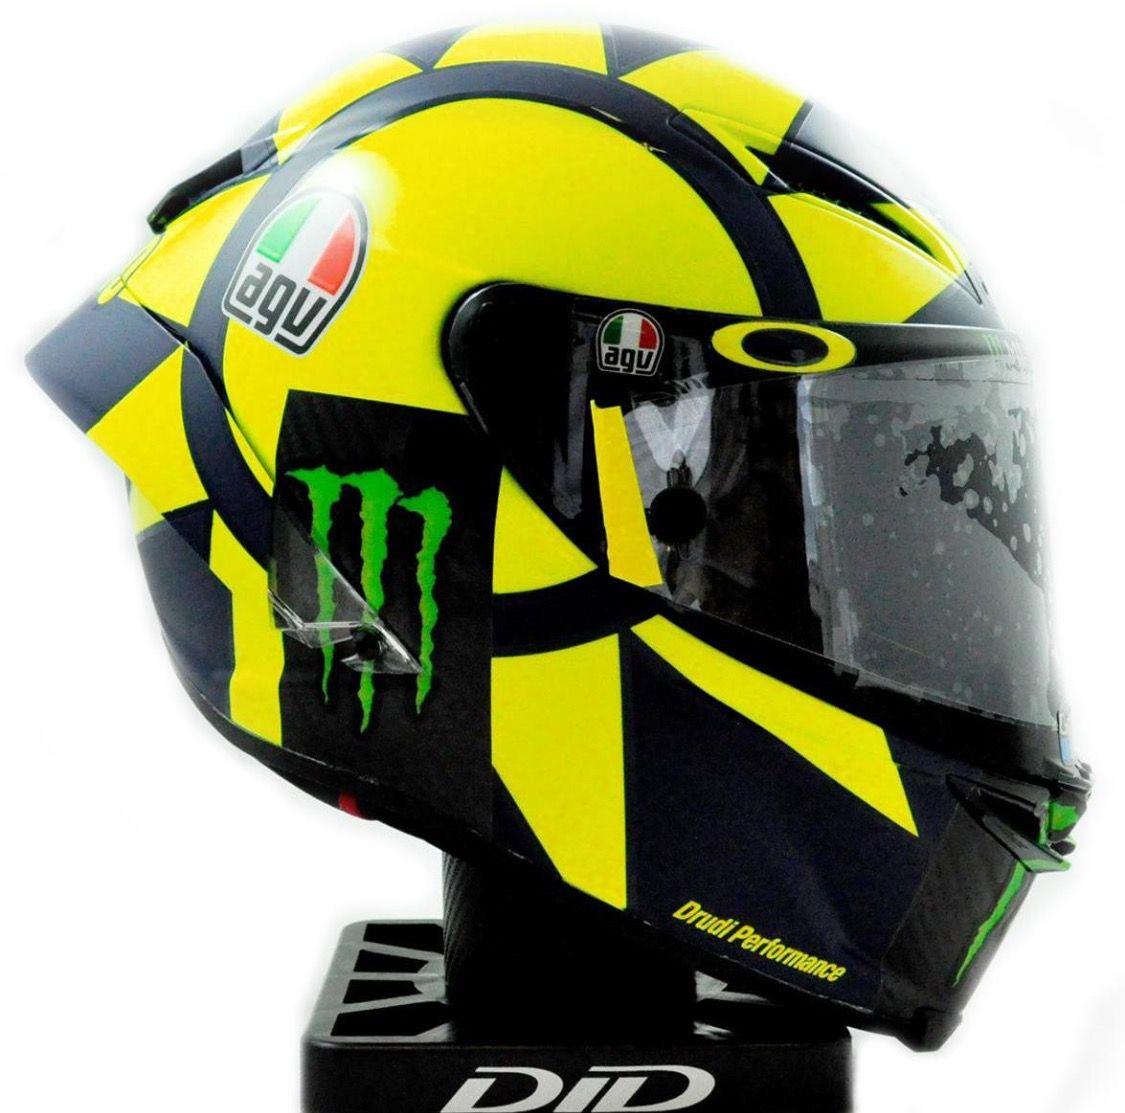 Valentino Rossi 2018 campaign AGV helmet Valentino rossi